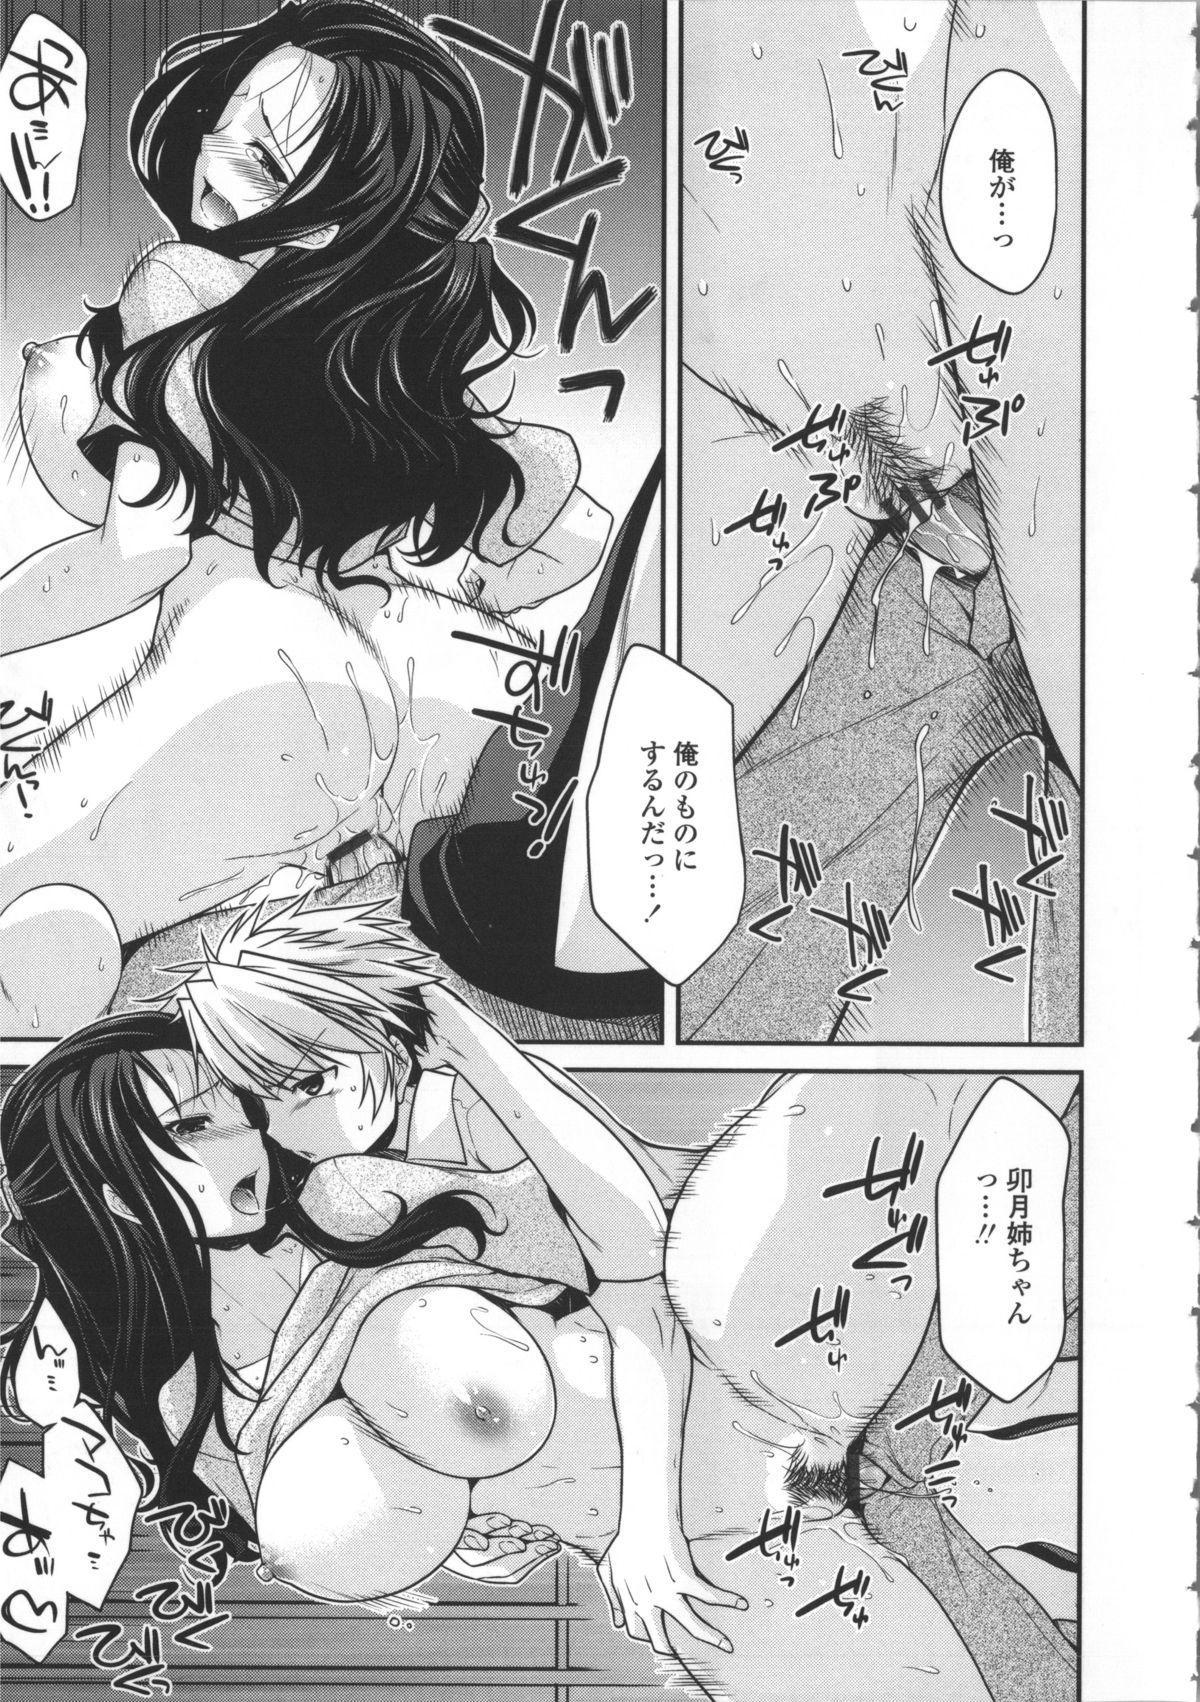 Yamato Nadeshiko Breast Changes 124